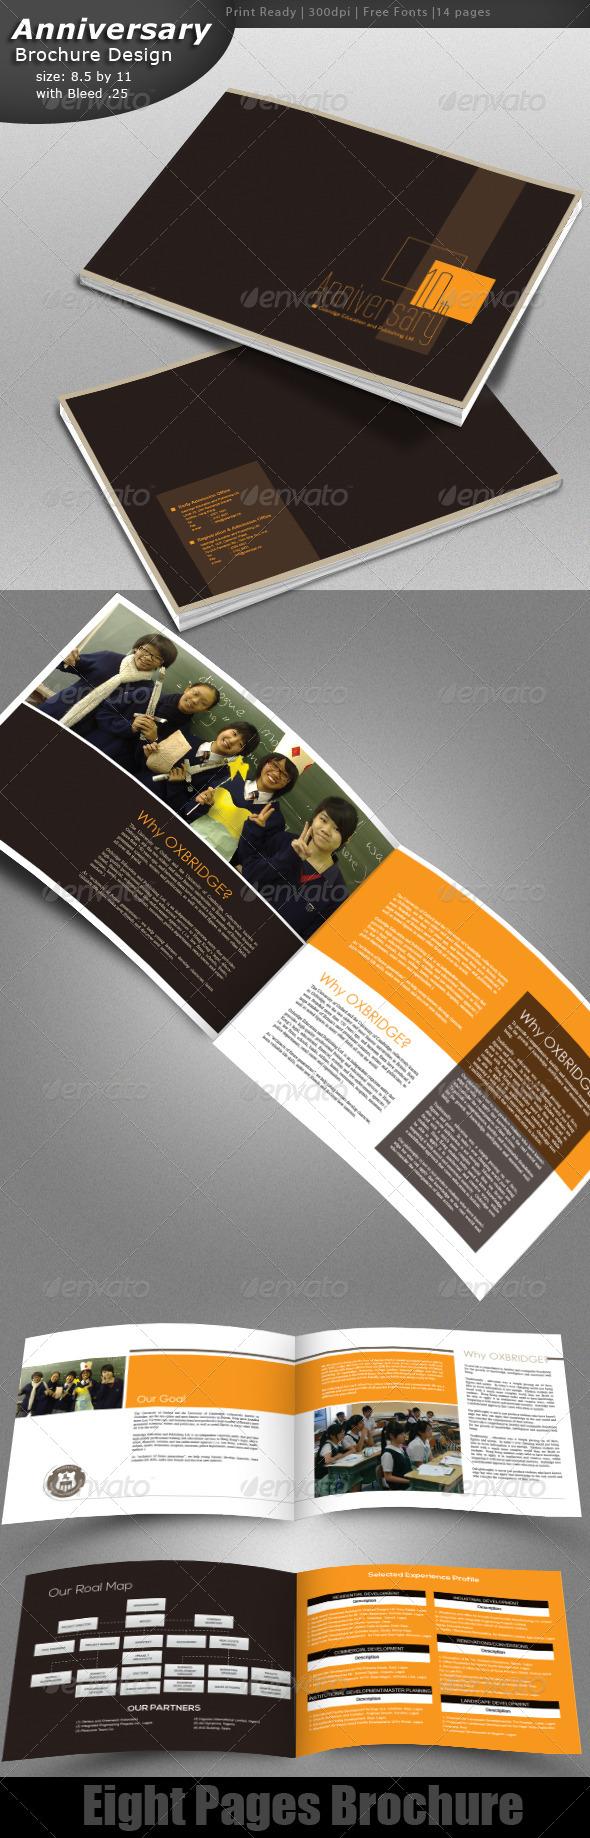 GraphicRiver Anniversary Brochure Design 4882756